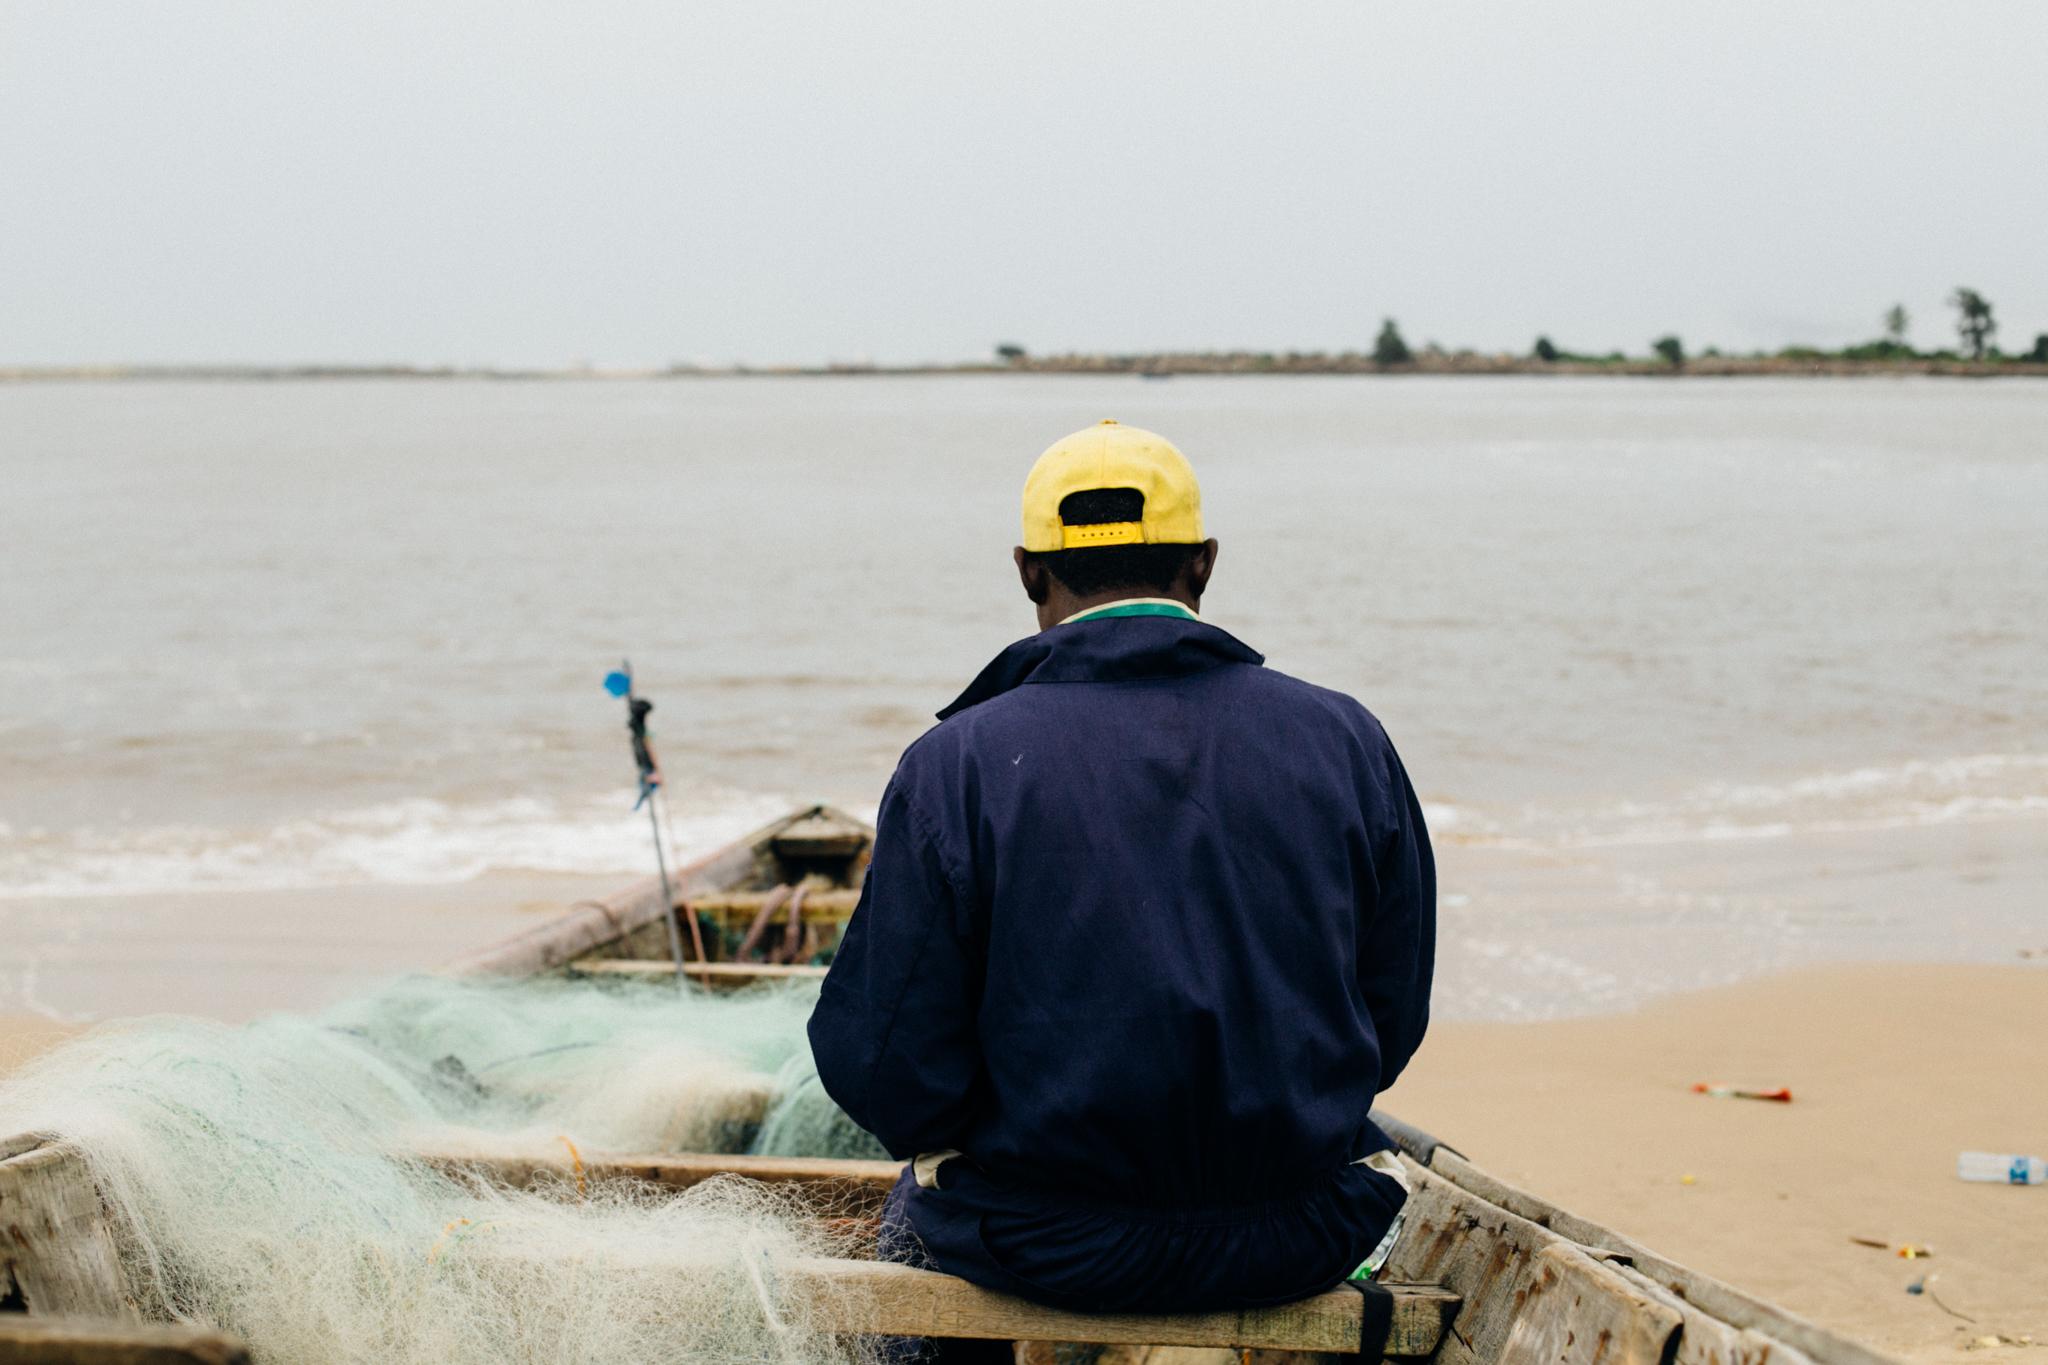 Fishermen mending fishing nets